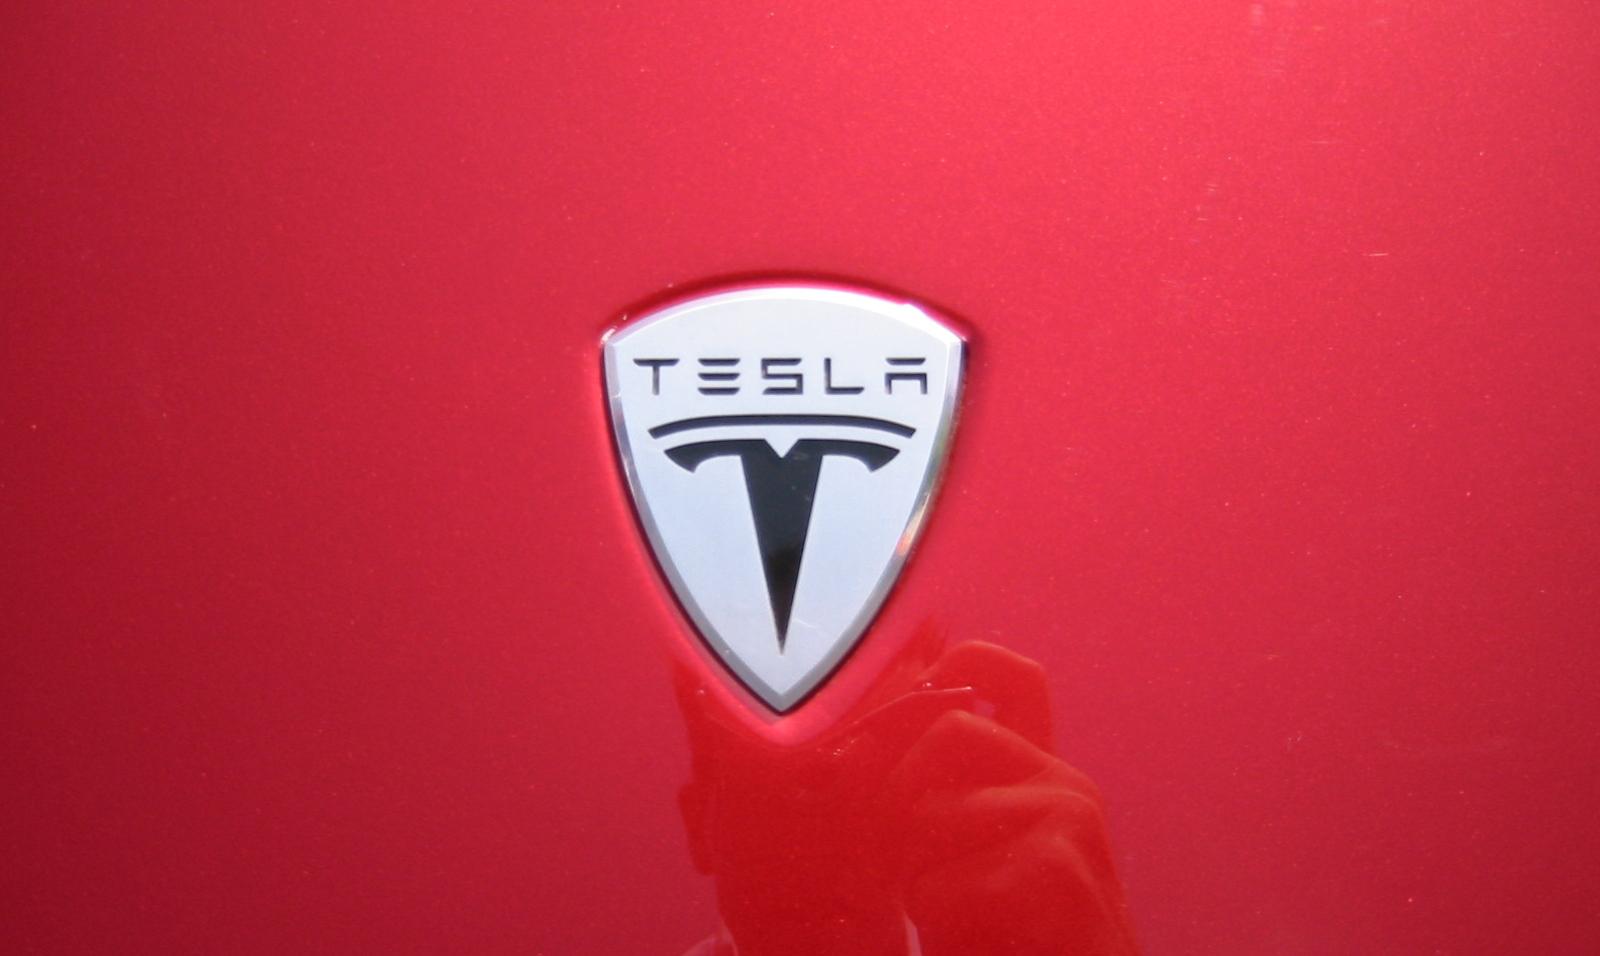 Краткая история Tesla — автомобильной компании будущего